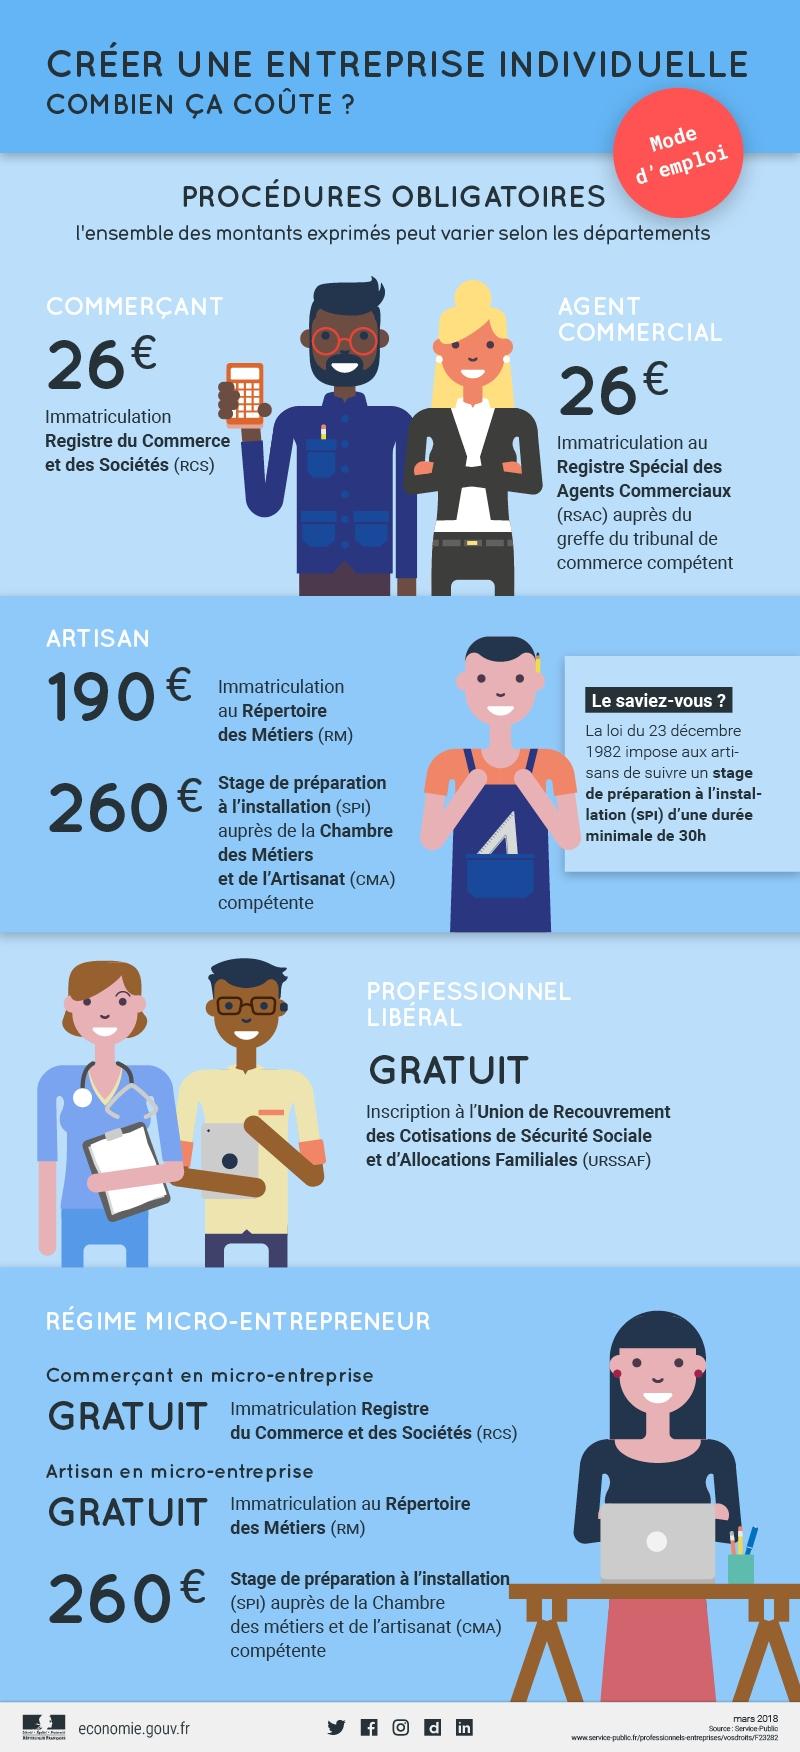 Infographie] Créer une entreprise individuelle, combien ça coûte ...